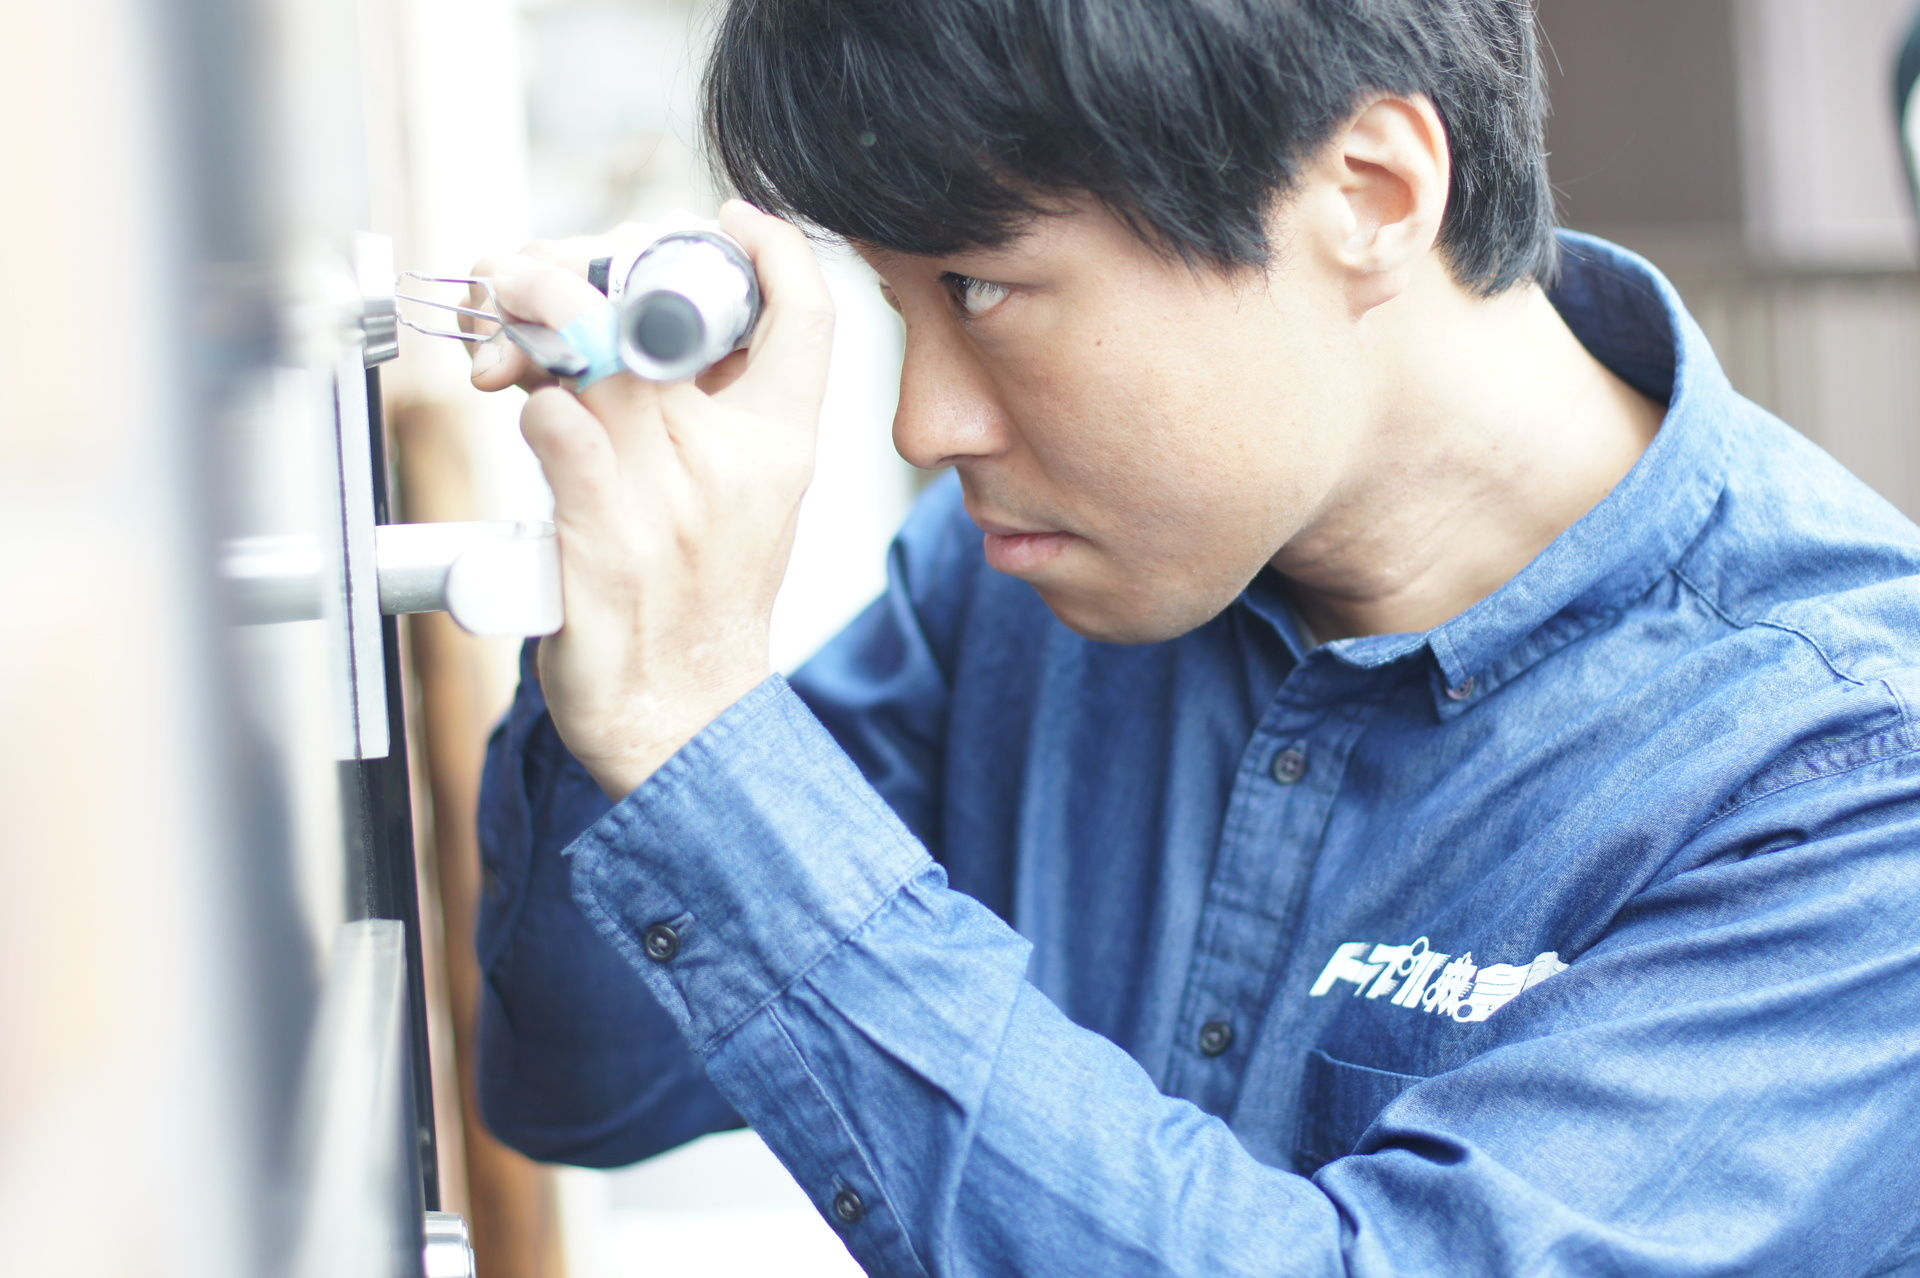 カギのトラブル救Q隊.24【松本市 出張エリア】のメイン画像